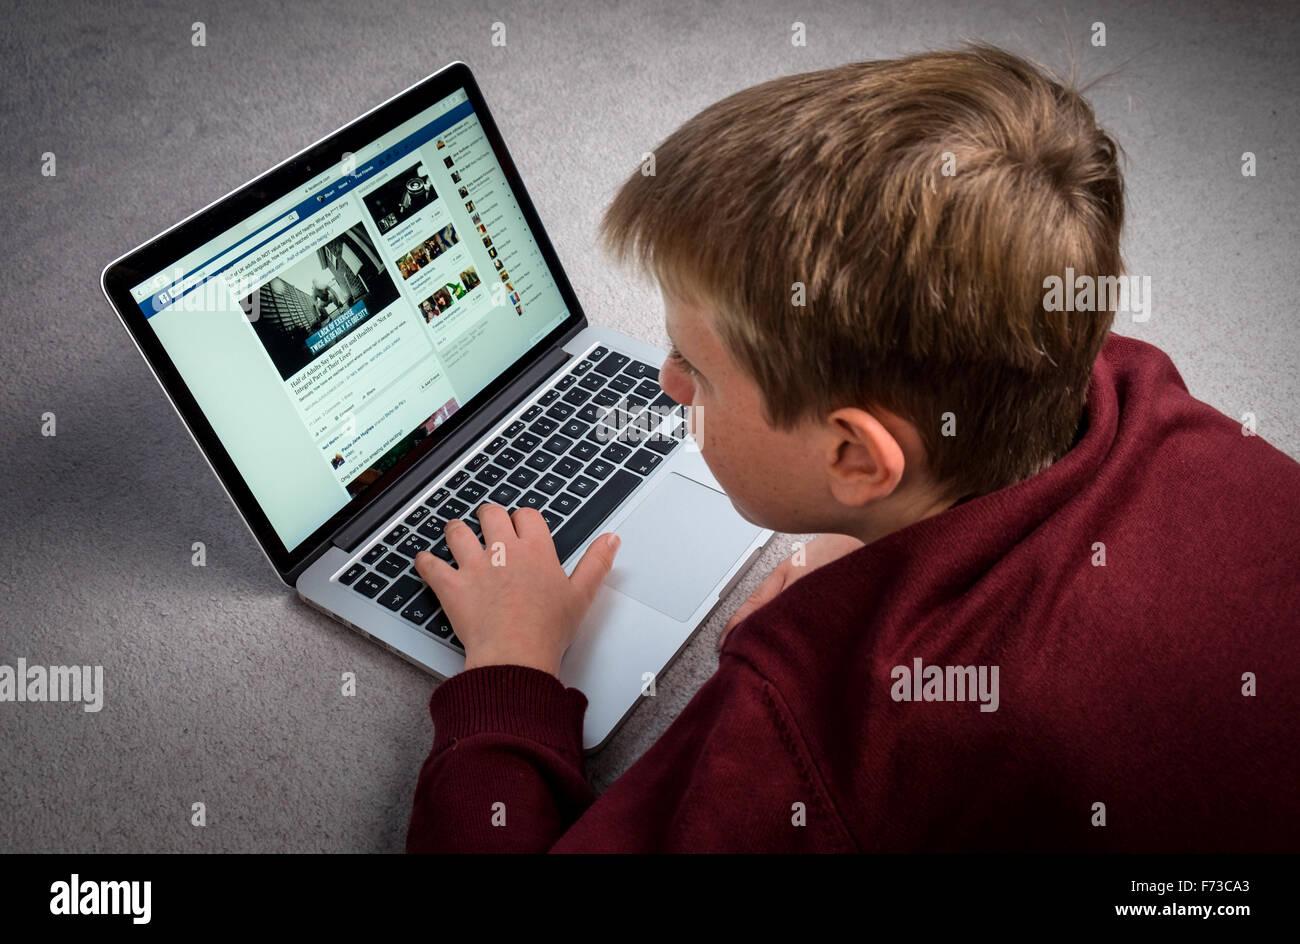 Un niño mirando en Facebook en un ordenador portátil Imagen De Stock